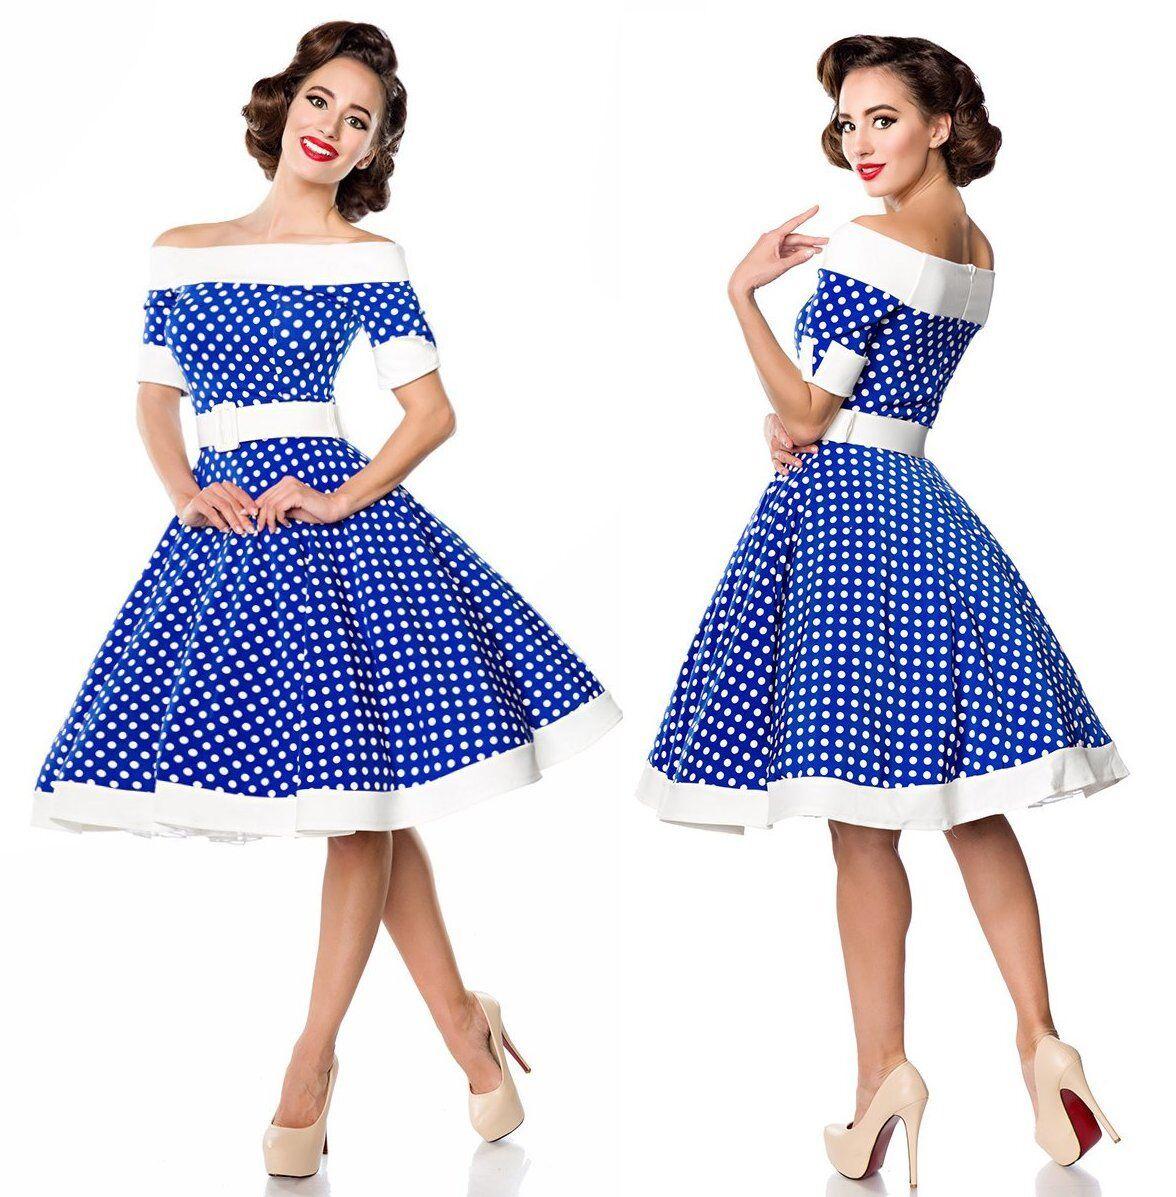 Schulterfreies Swing-Kleid Retrokleid Tellerrock kurze Ärmel 50er-Jahre 50051